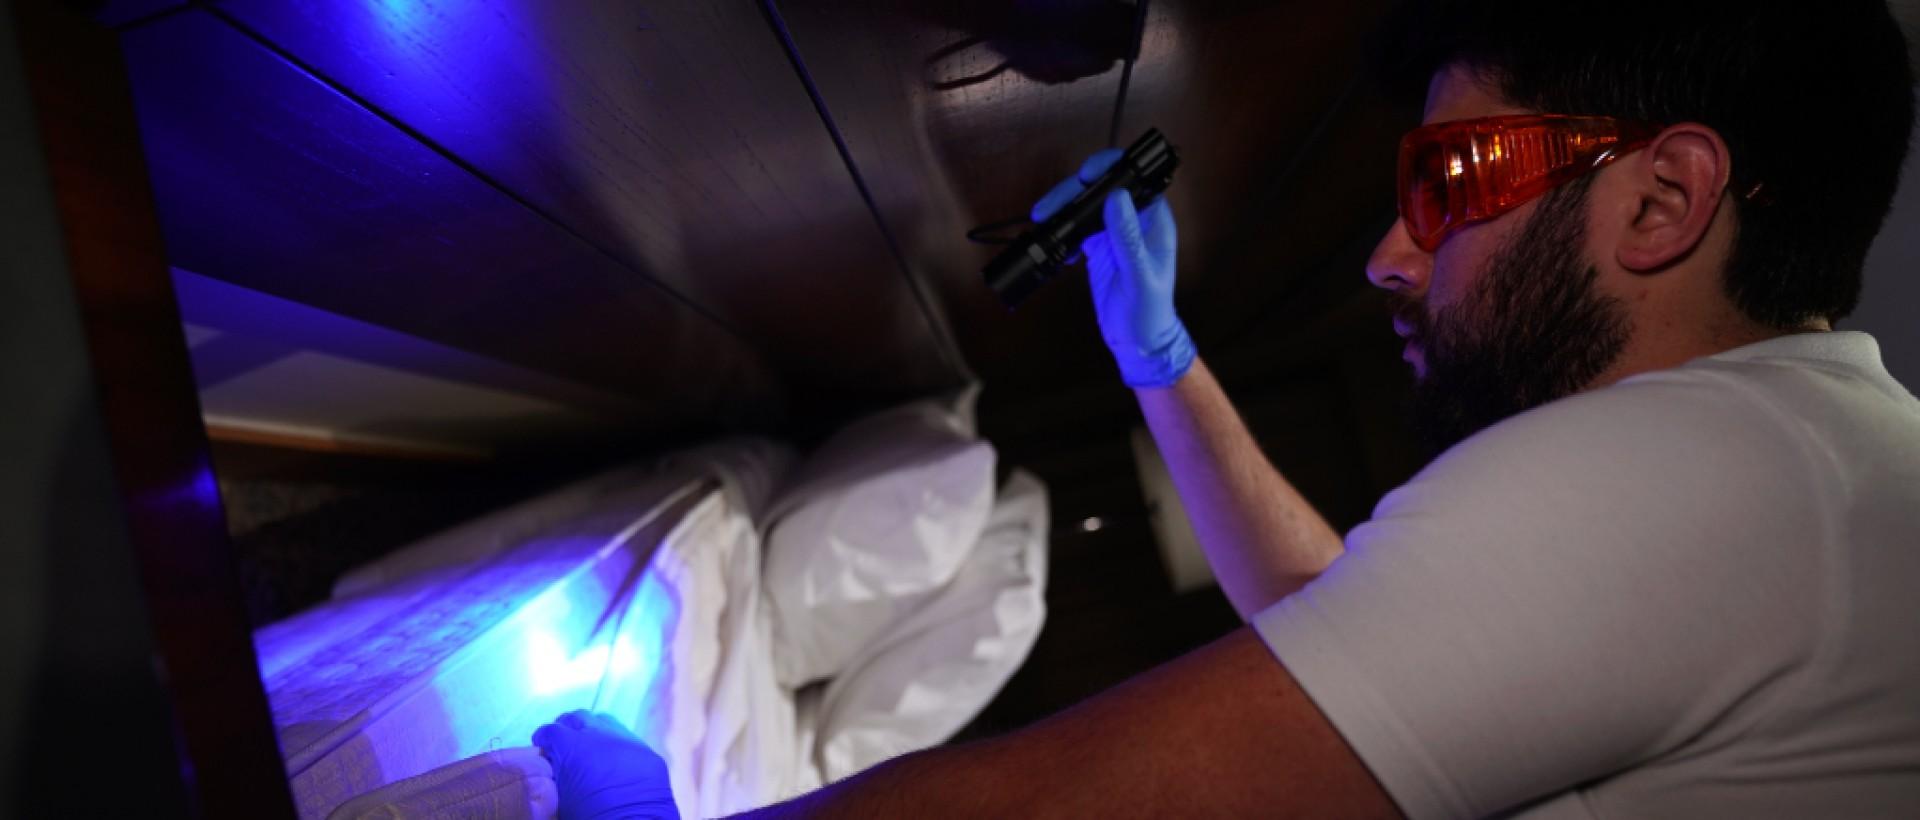 PLAGASUR® | Control de Plagas en Puerto Montt - Puerto Varas - Osorno - Castro | Erradicación de chinches de cama